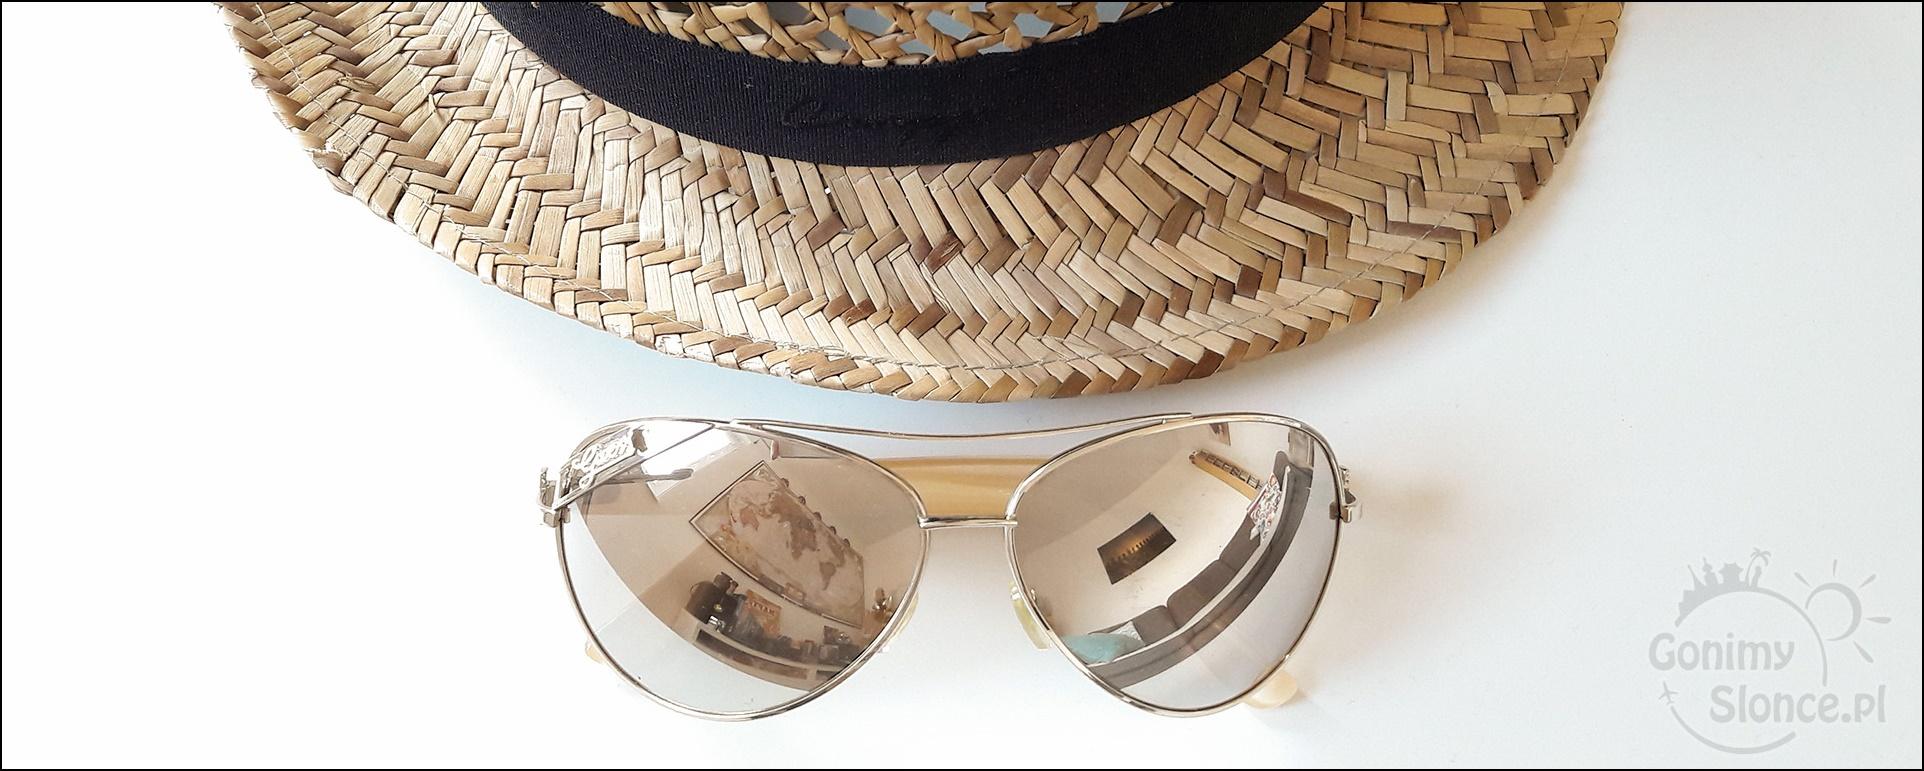 turystyczne gadżety - okulary przeciwsłoneczne z filtrem